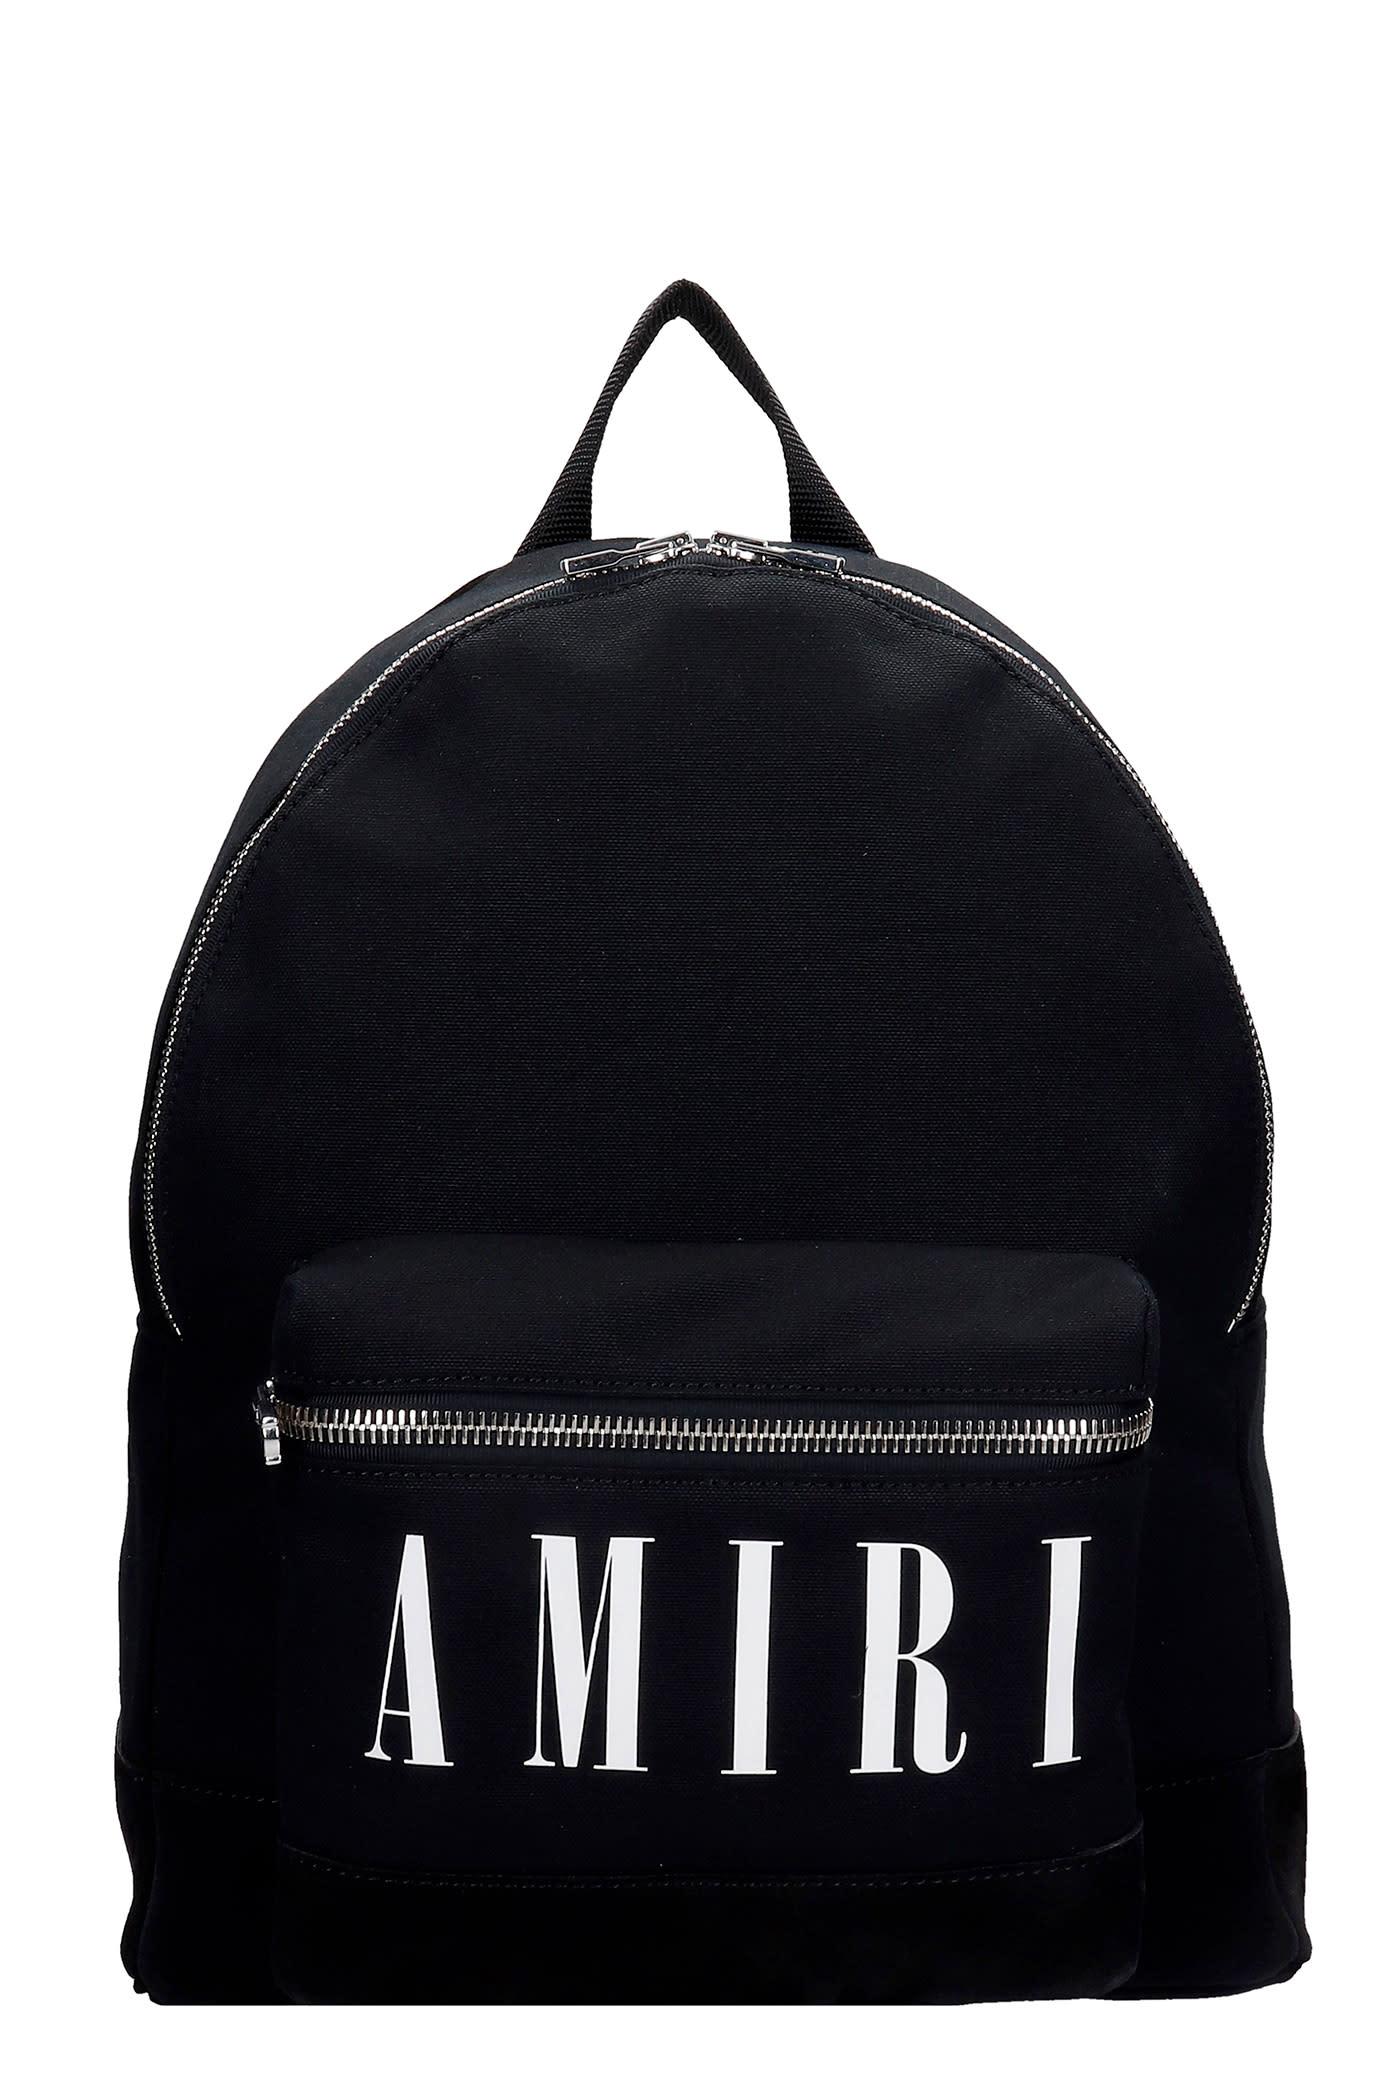 AMIRI Backpack In Black Canvas